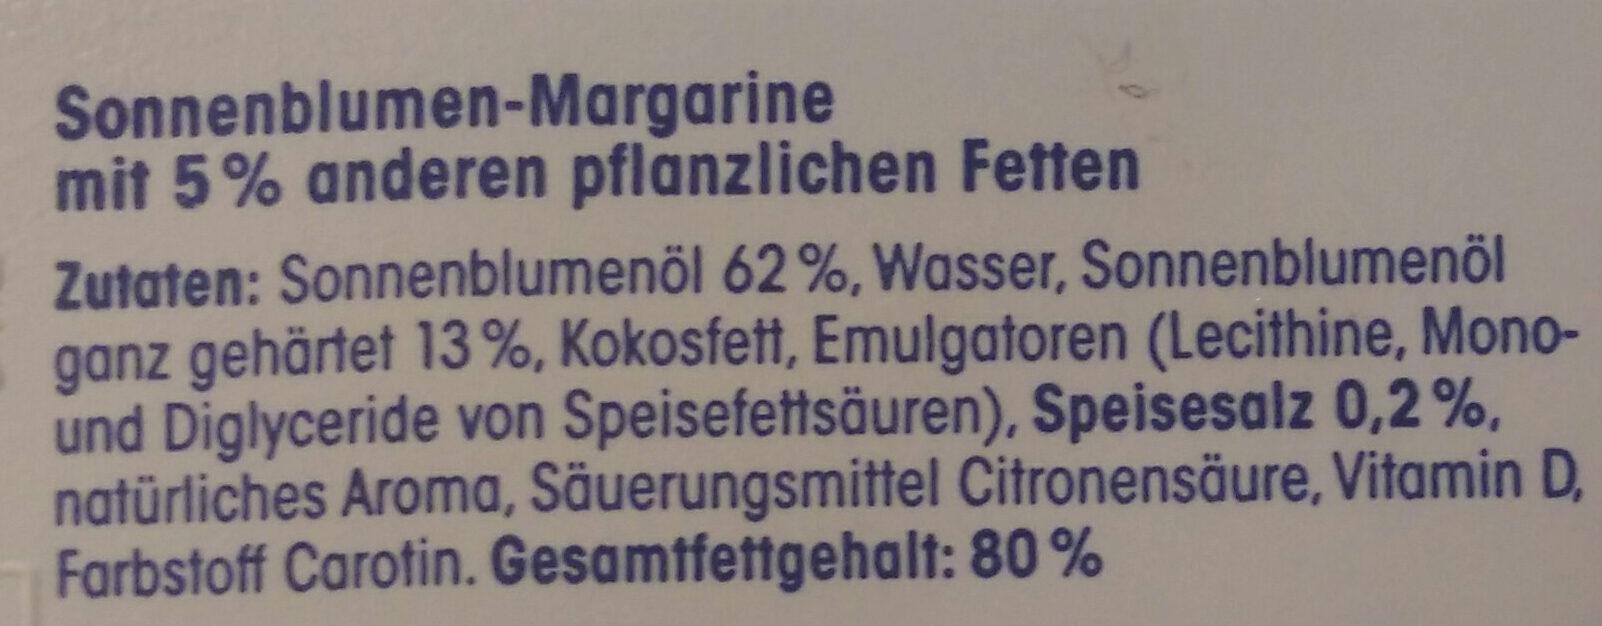 Sonnenblumen Margarine - Ingrediënten - de